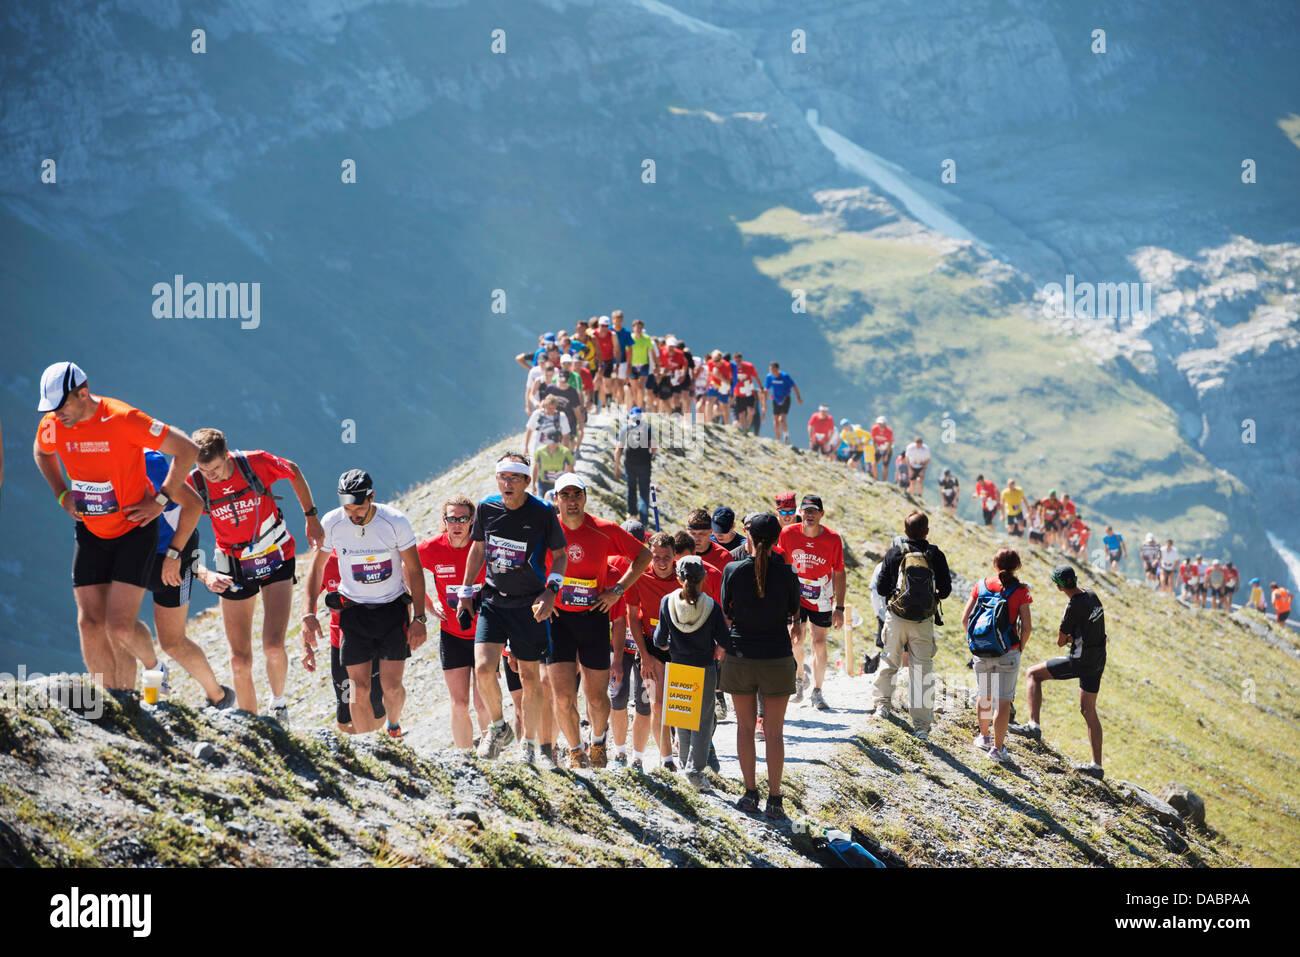 Maratona della Jungfrau, Oberland bernese, Svizzera, Europa Immagini Stock